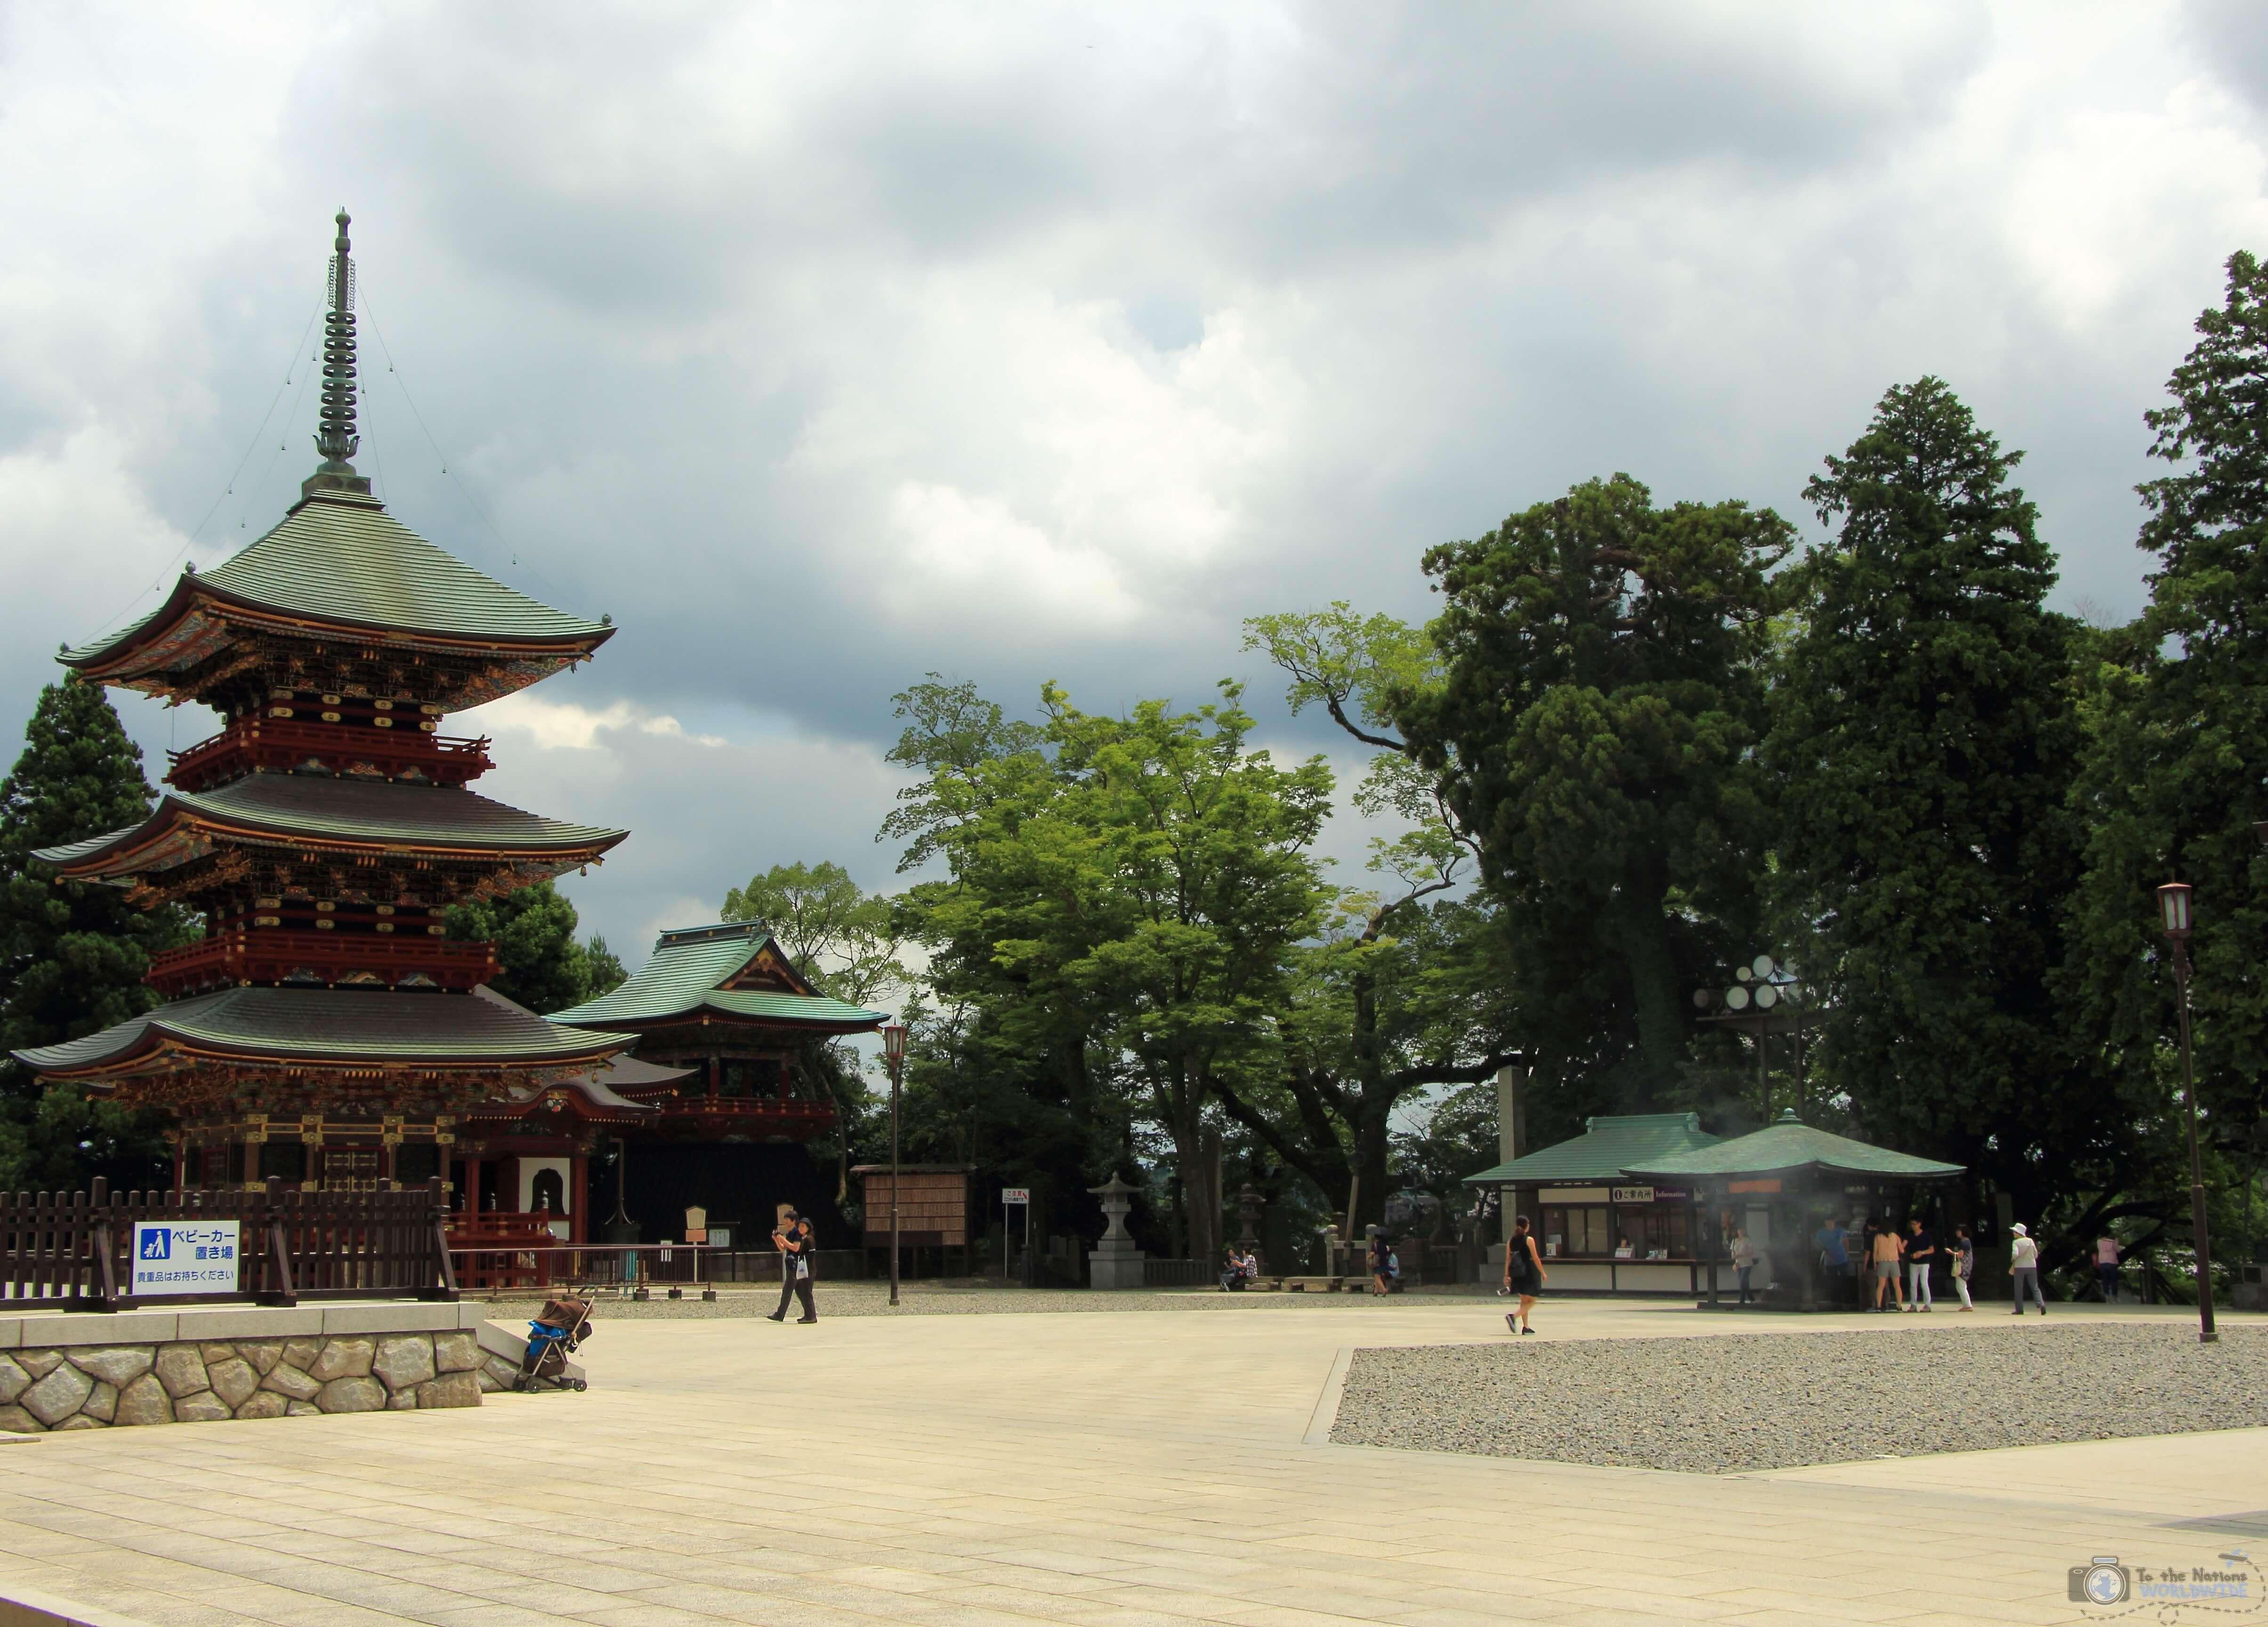 Three-Storied Pagoda in Naritisan Shinshoji Temple in Narita, Japan